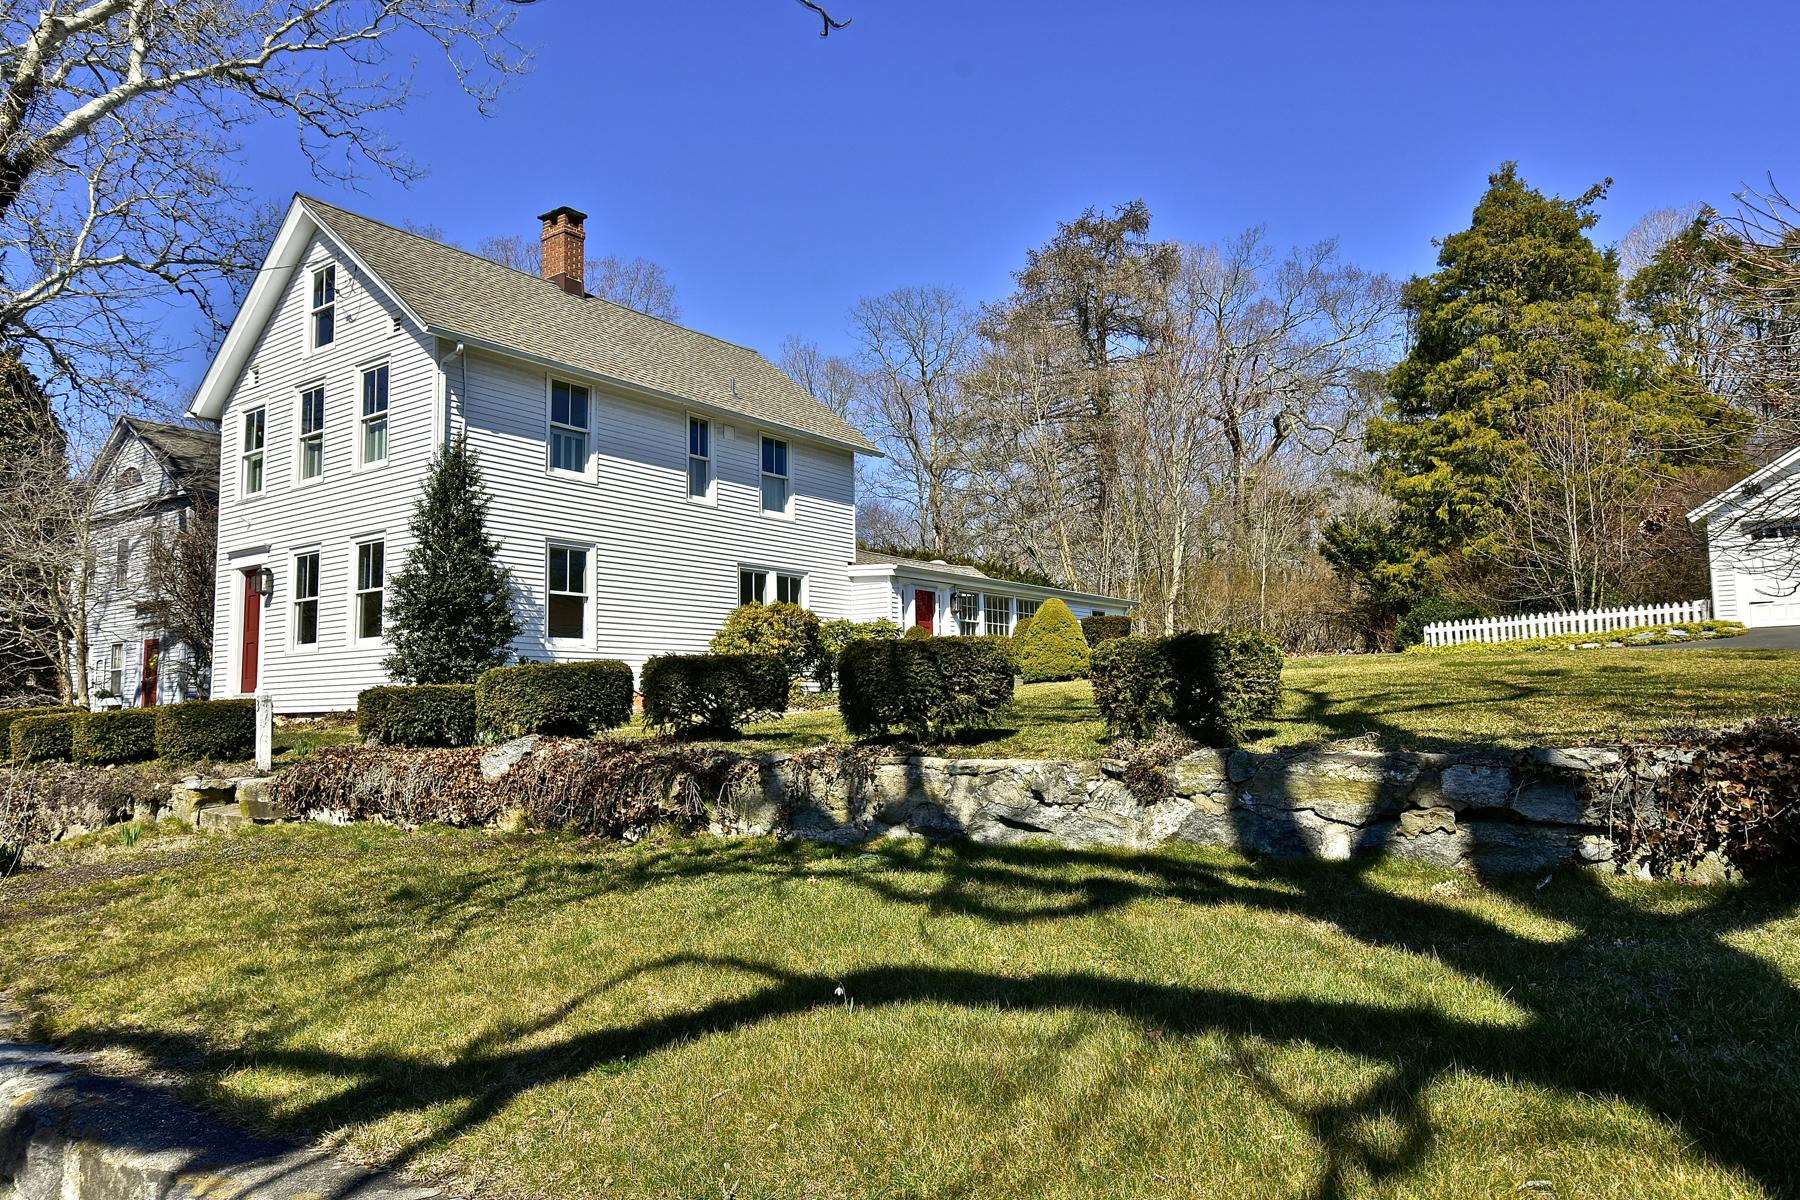 独户住宅 为 销售 在 Gracious Essex Village Colonial 38 Prospect St 埃塞克斯, 康涅狄格州, 06426 美国